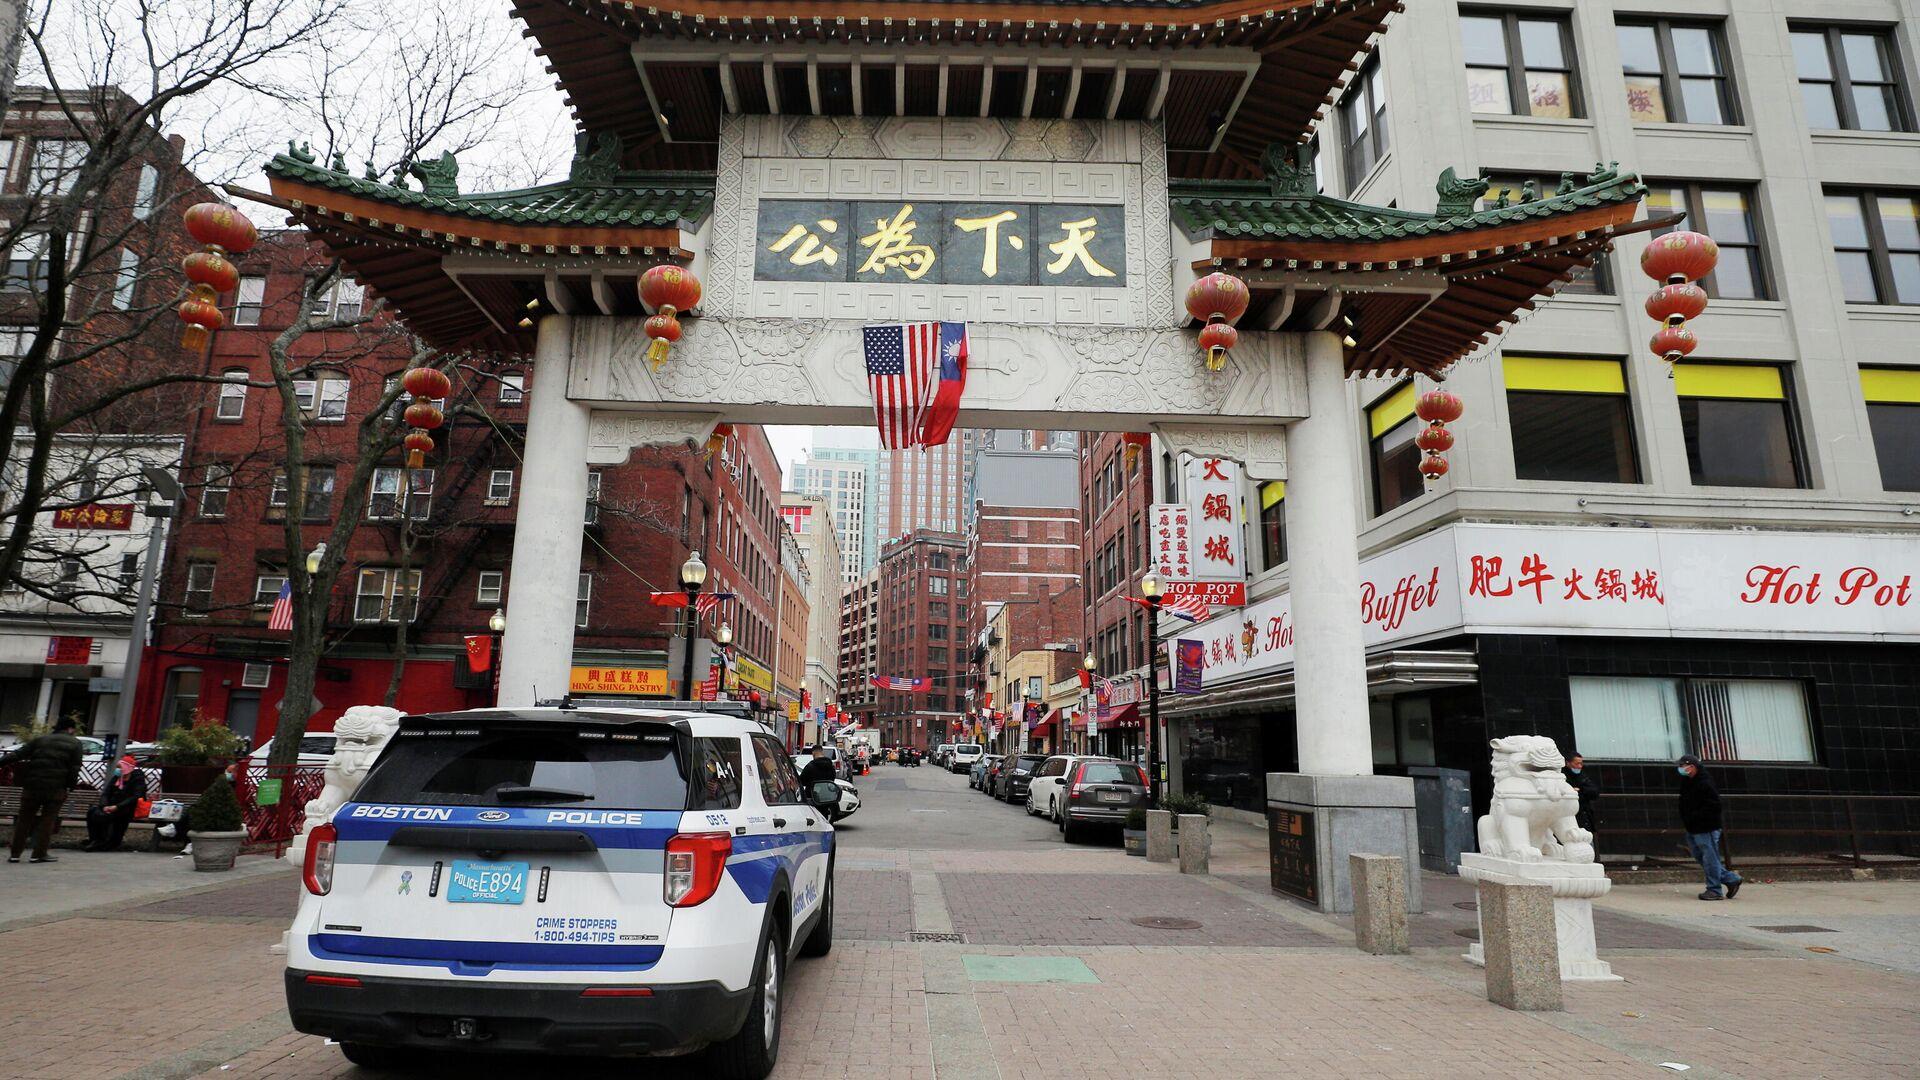 La Policía de Boston patrullando en 'Chinatown', EEUU - Sputnik Mundo, 1920, 20.03.2021